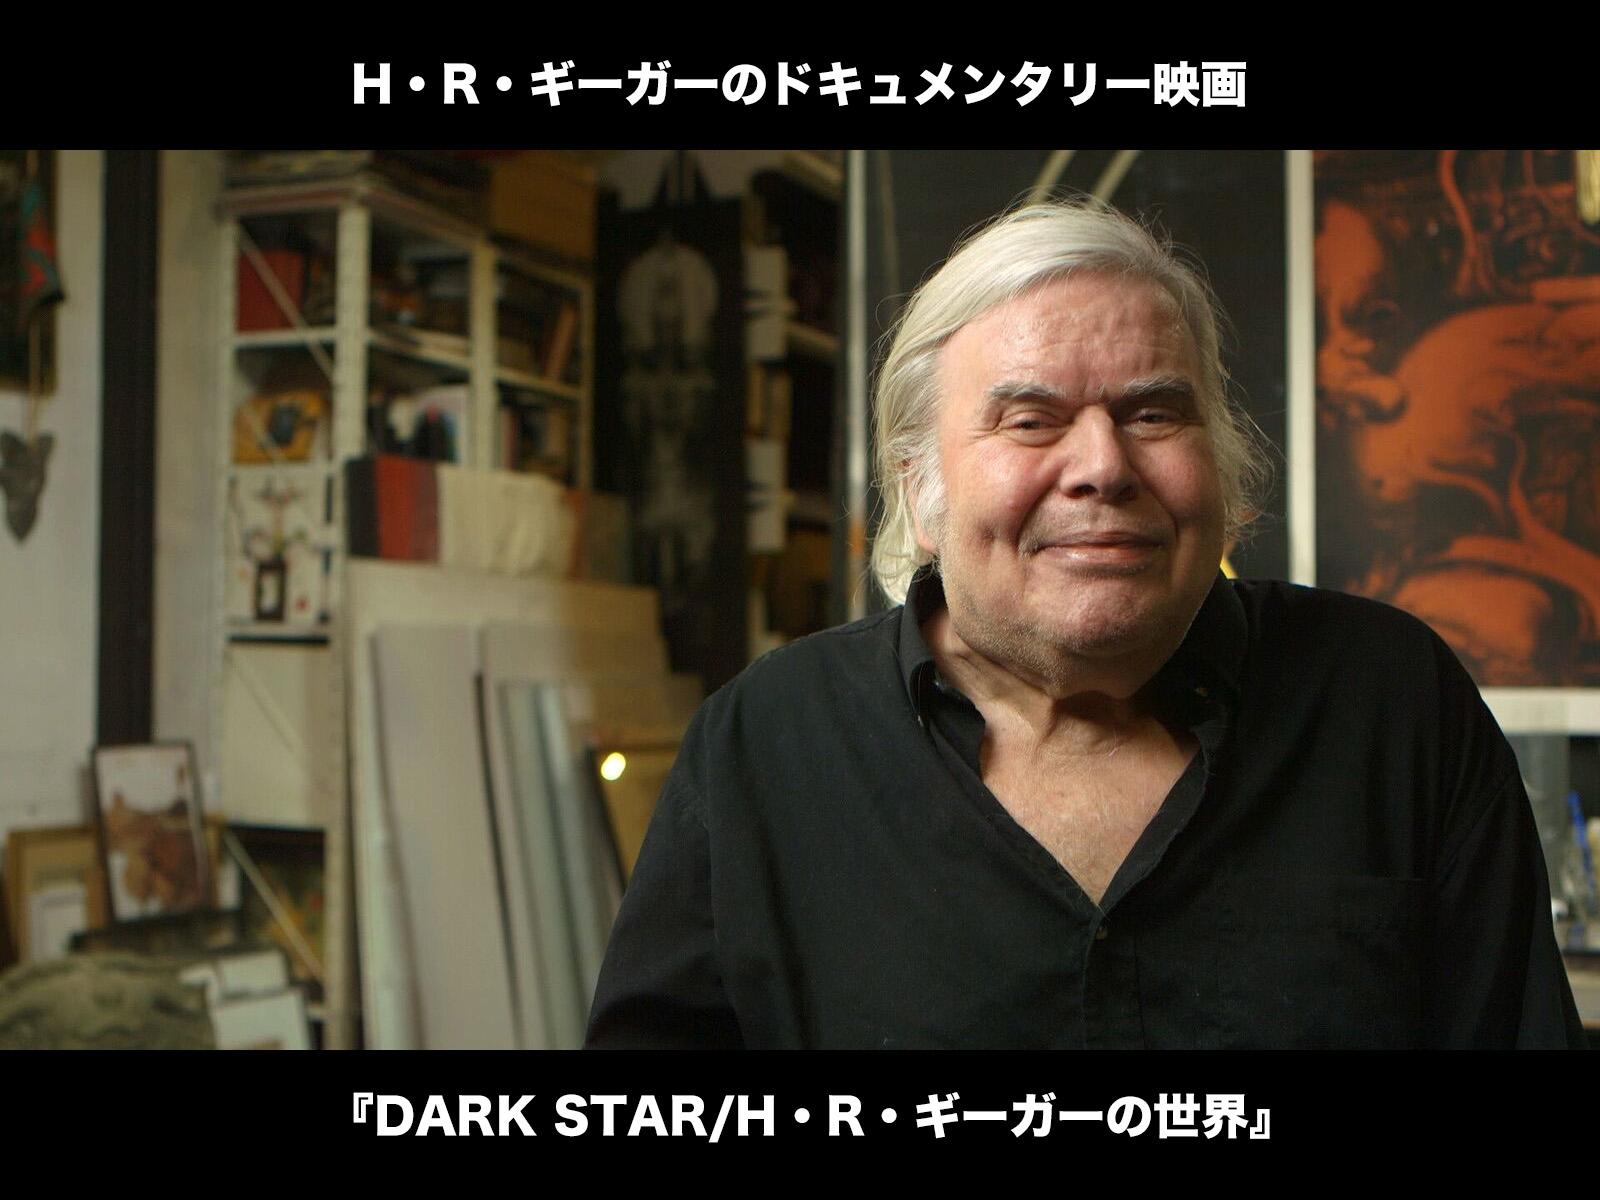 映画:DARK STAR/H・R・ギーガーの世界